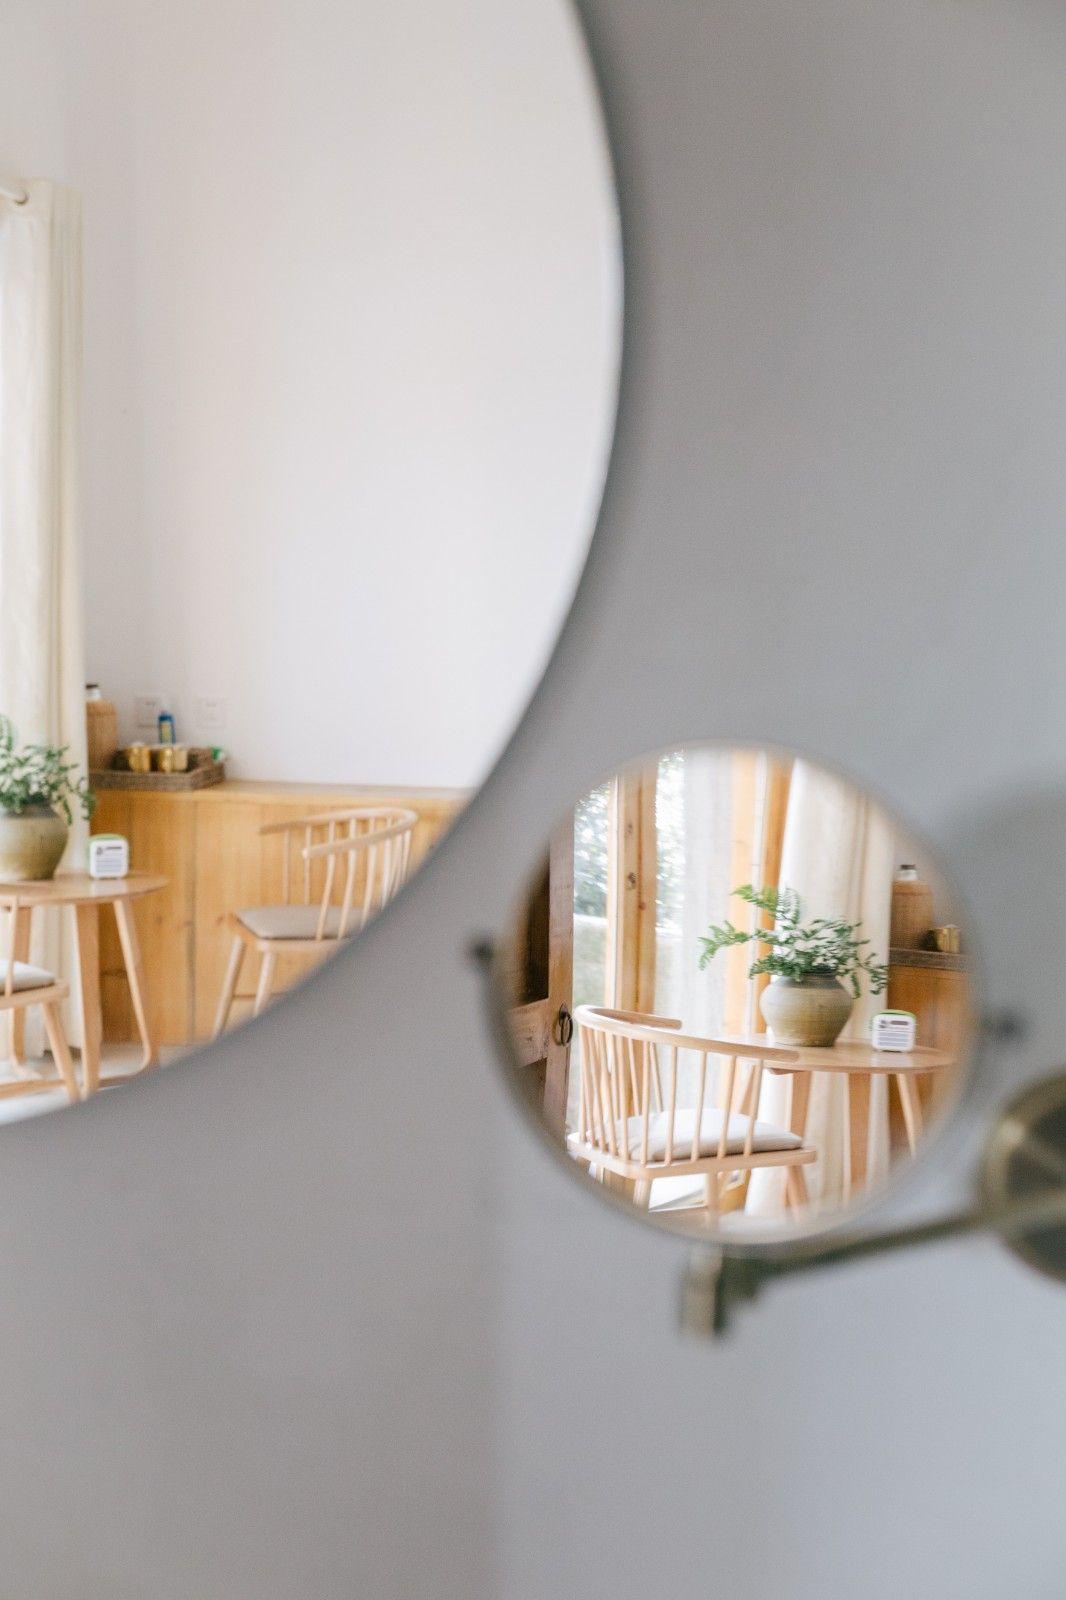 记忆里的悠悠茶香·四川-小茶院 | 使然设计|使然设计 - 18